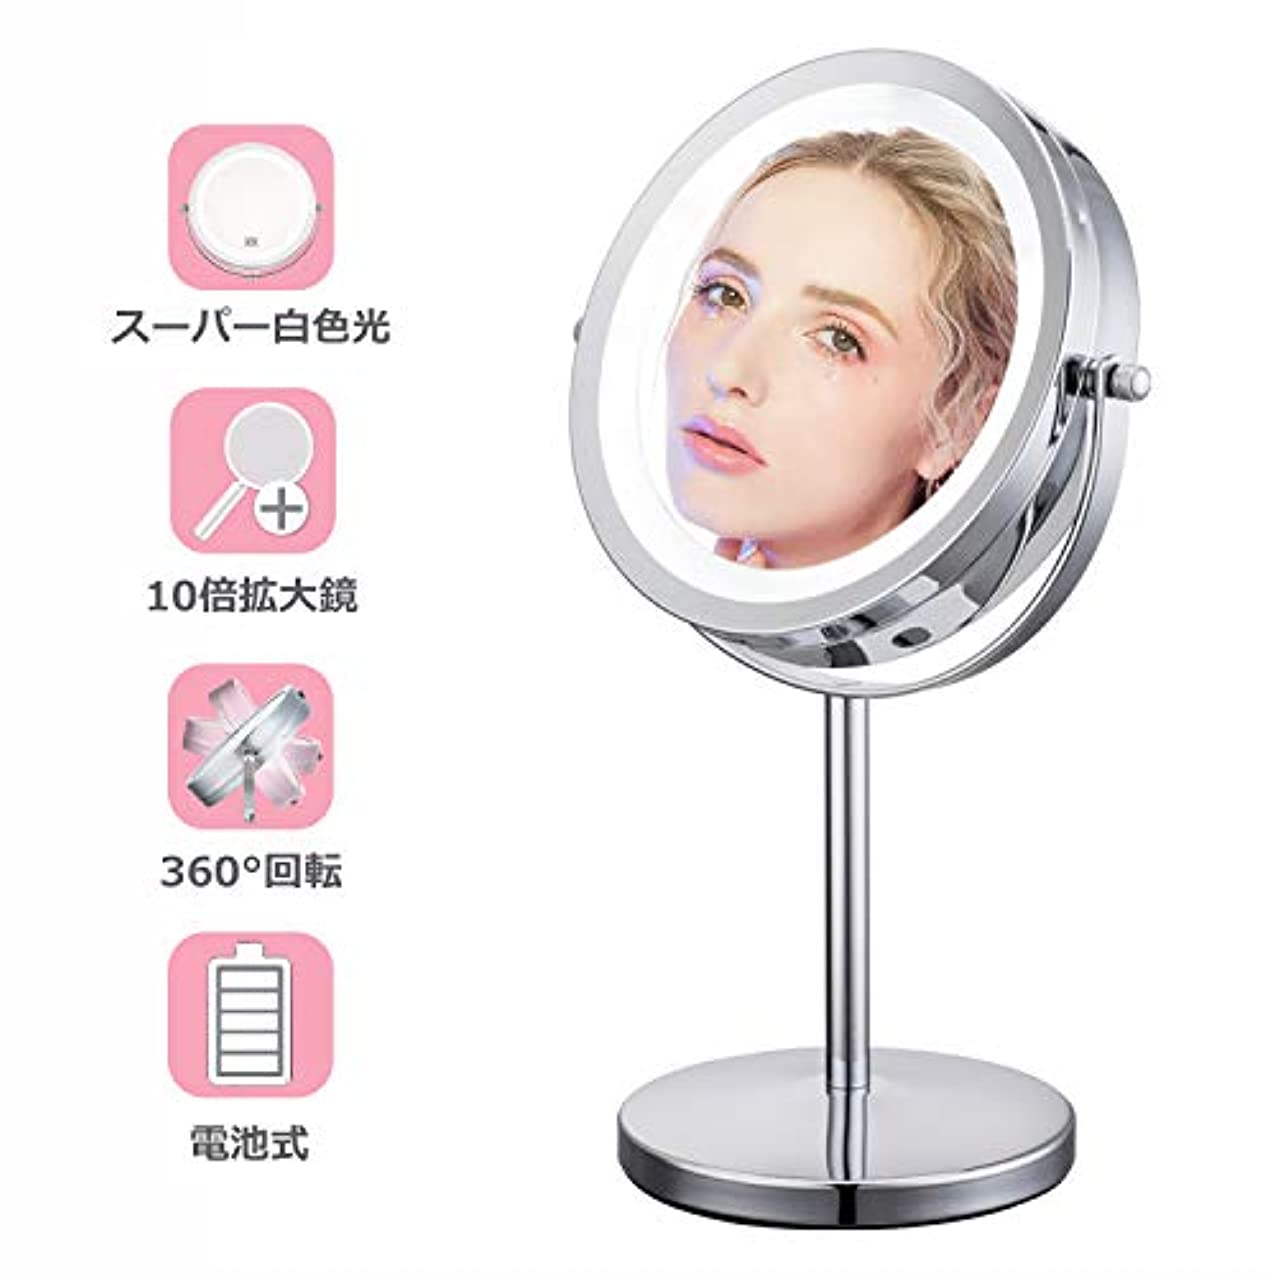 うつ対応例示する10倍拡大鏡 LEDライト付き 真実の両面鏡 360度回転 卓上鏡 スタンドミラー メイク 化粧道具 【Jeking】